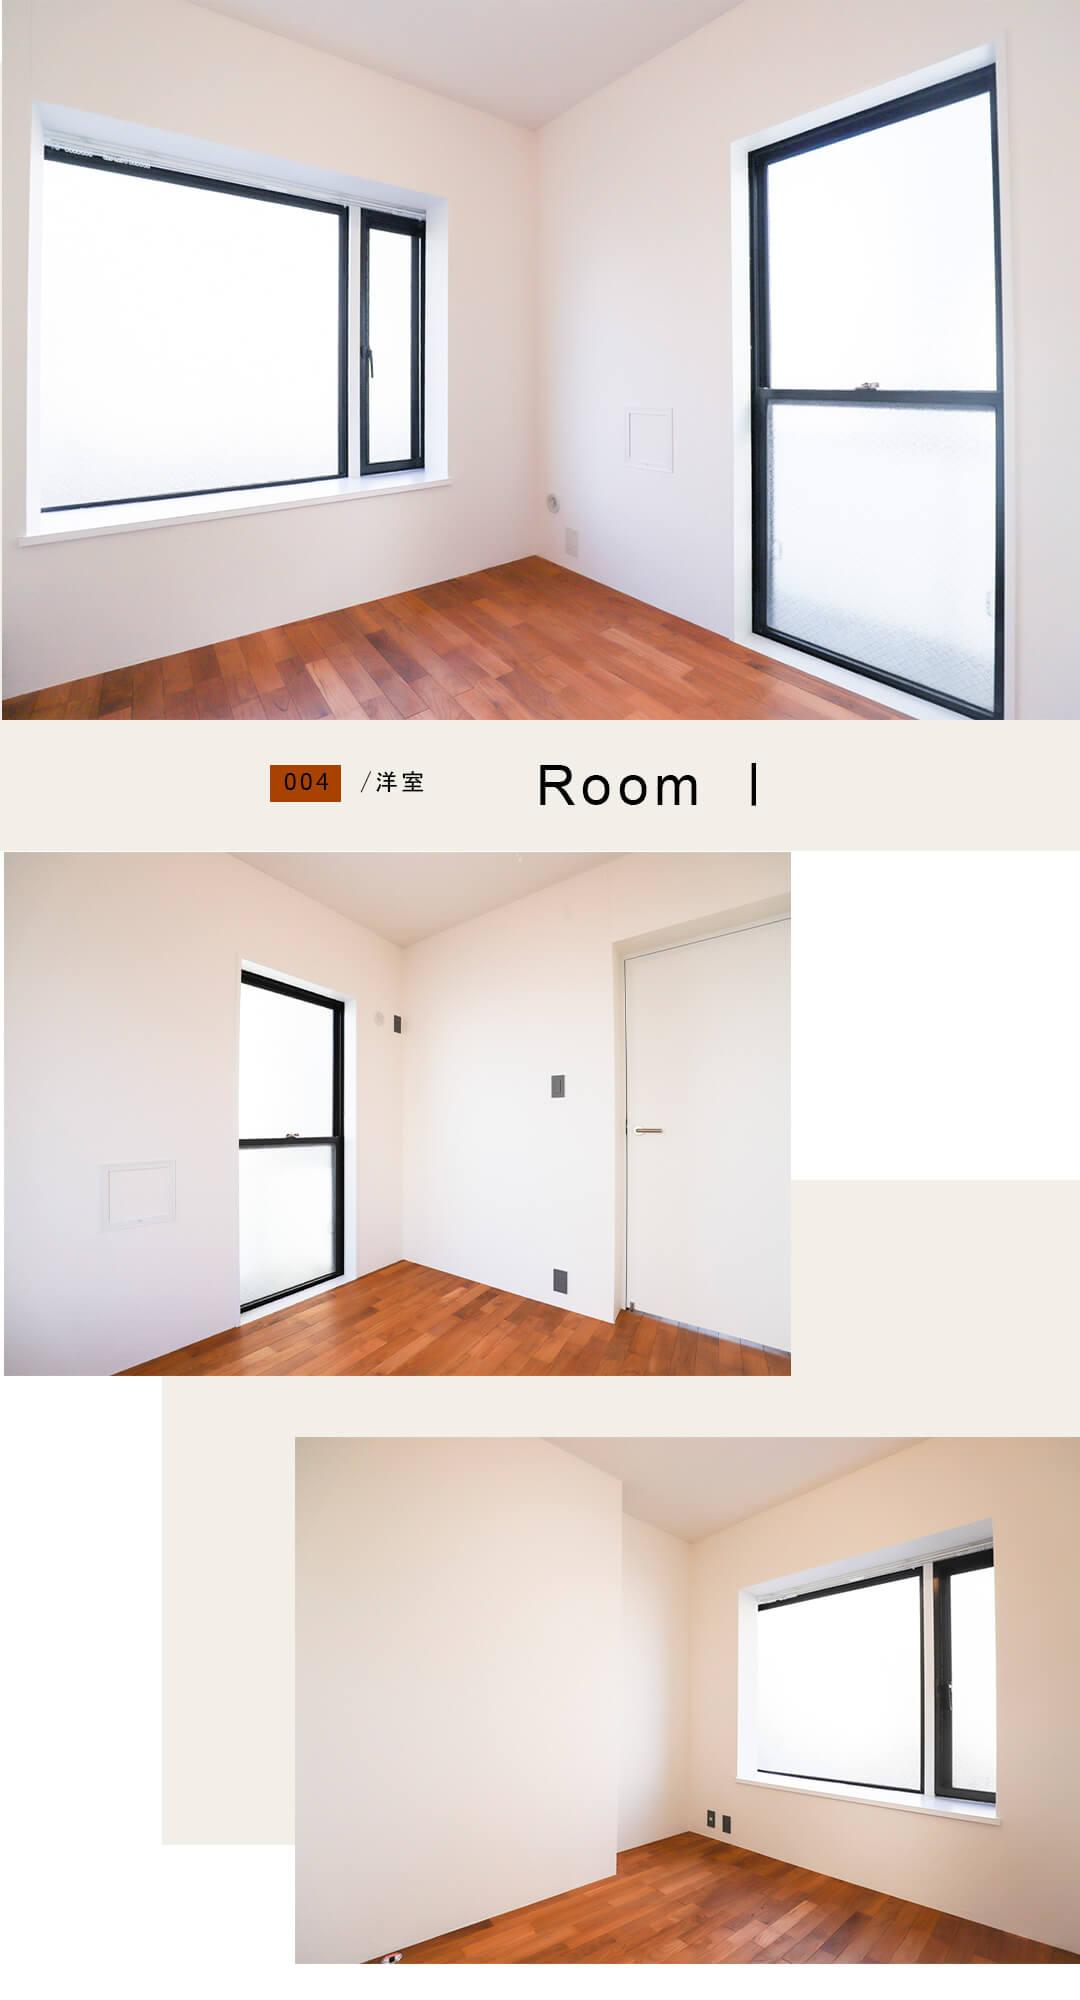 04洋室,Room Ⅰ